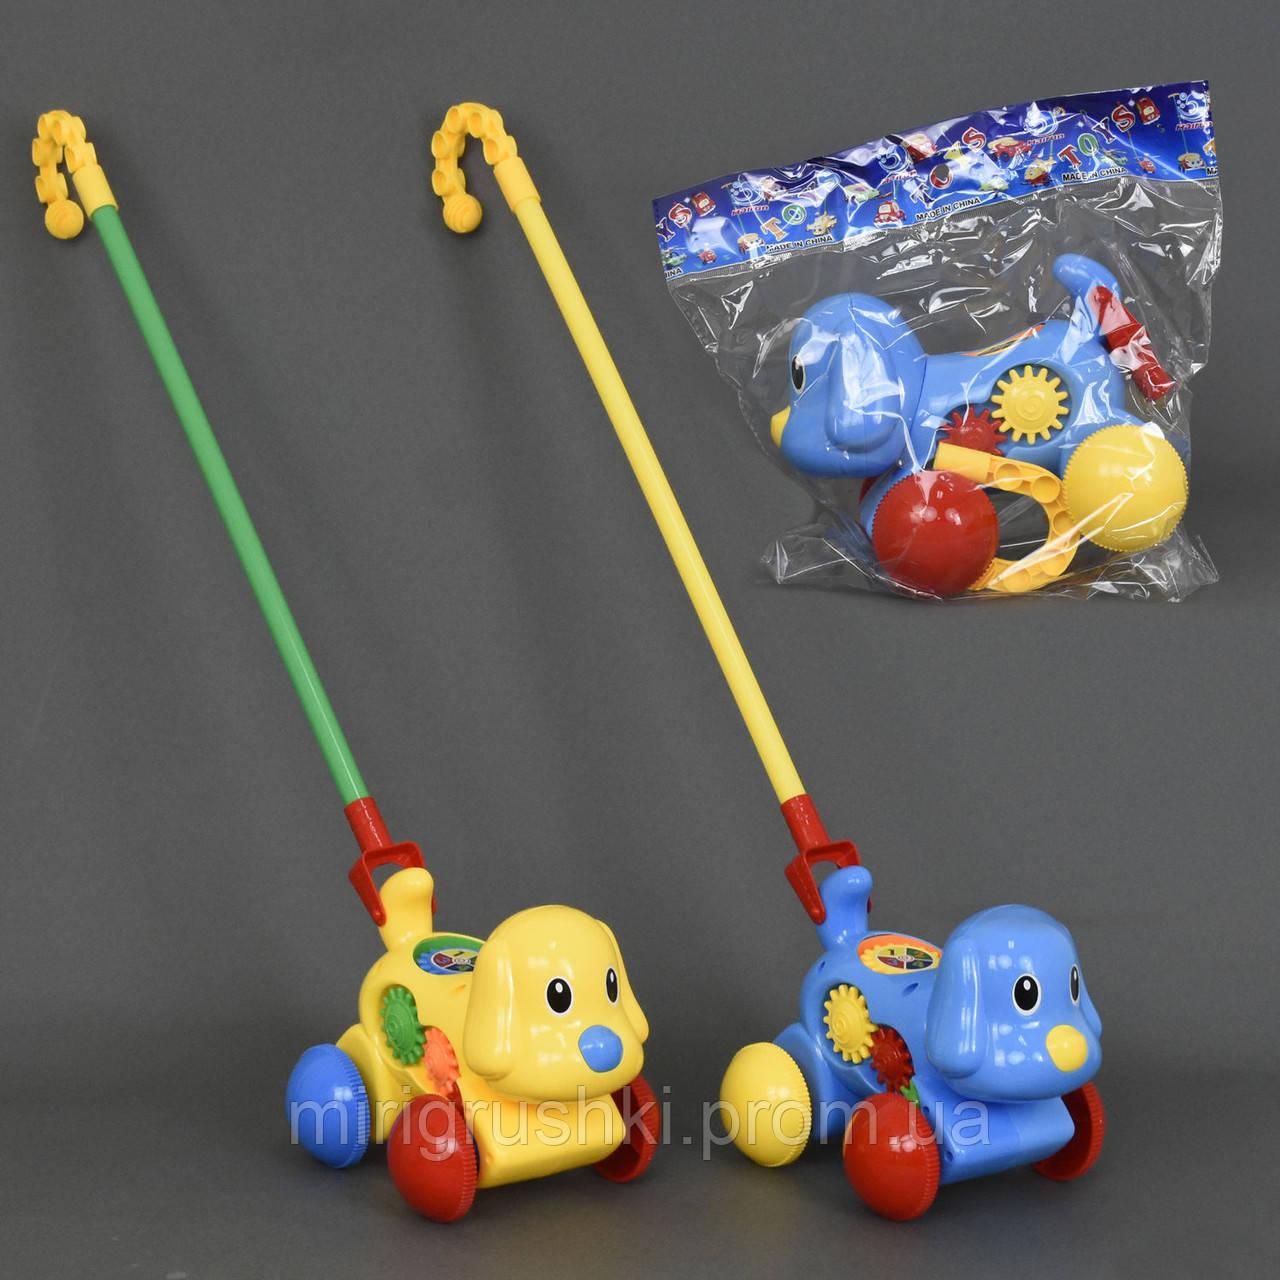 """Каталка """"Собачка"""" на палочке, 2 цвета, в кульке"""